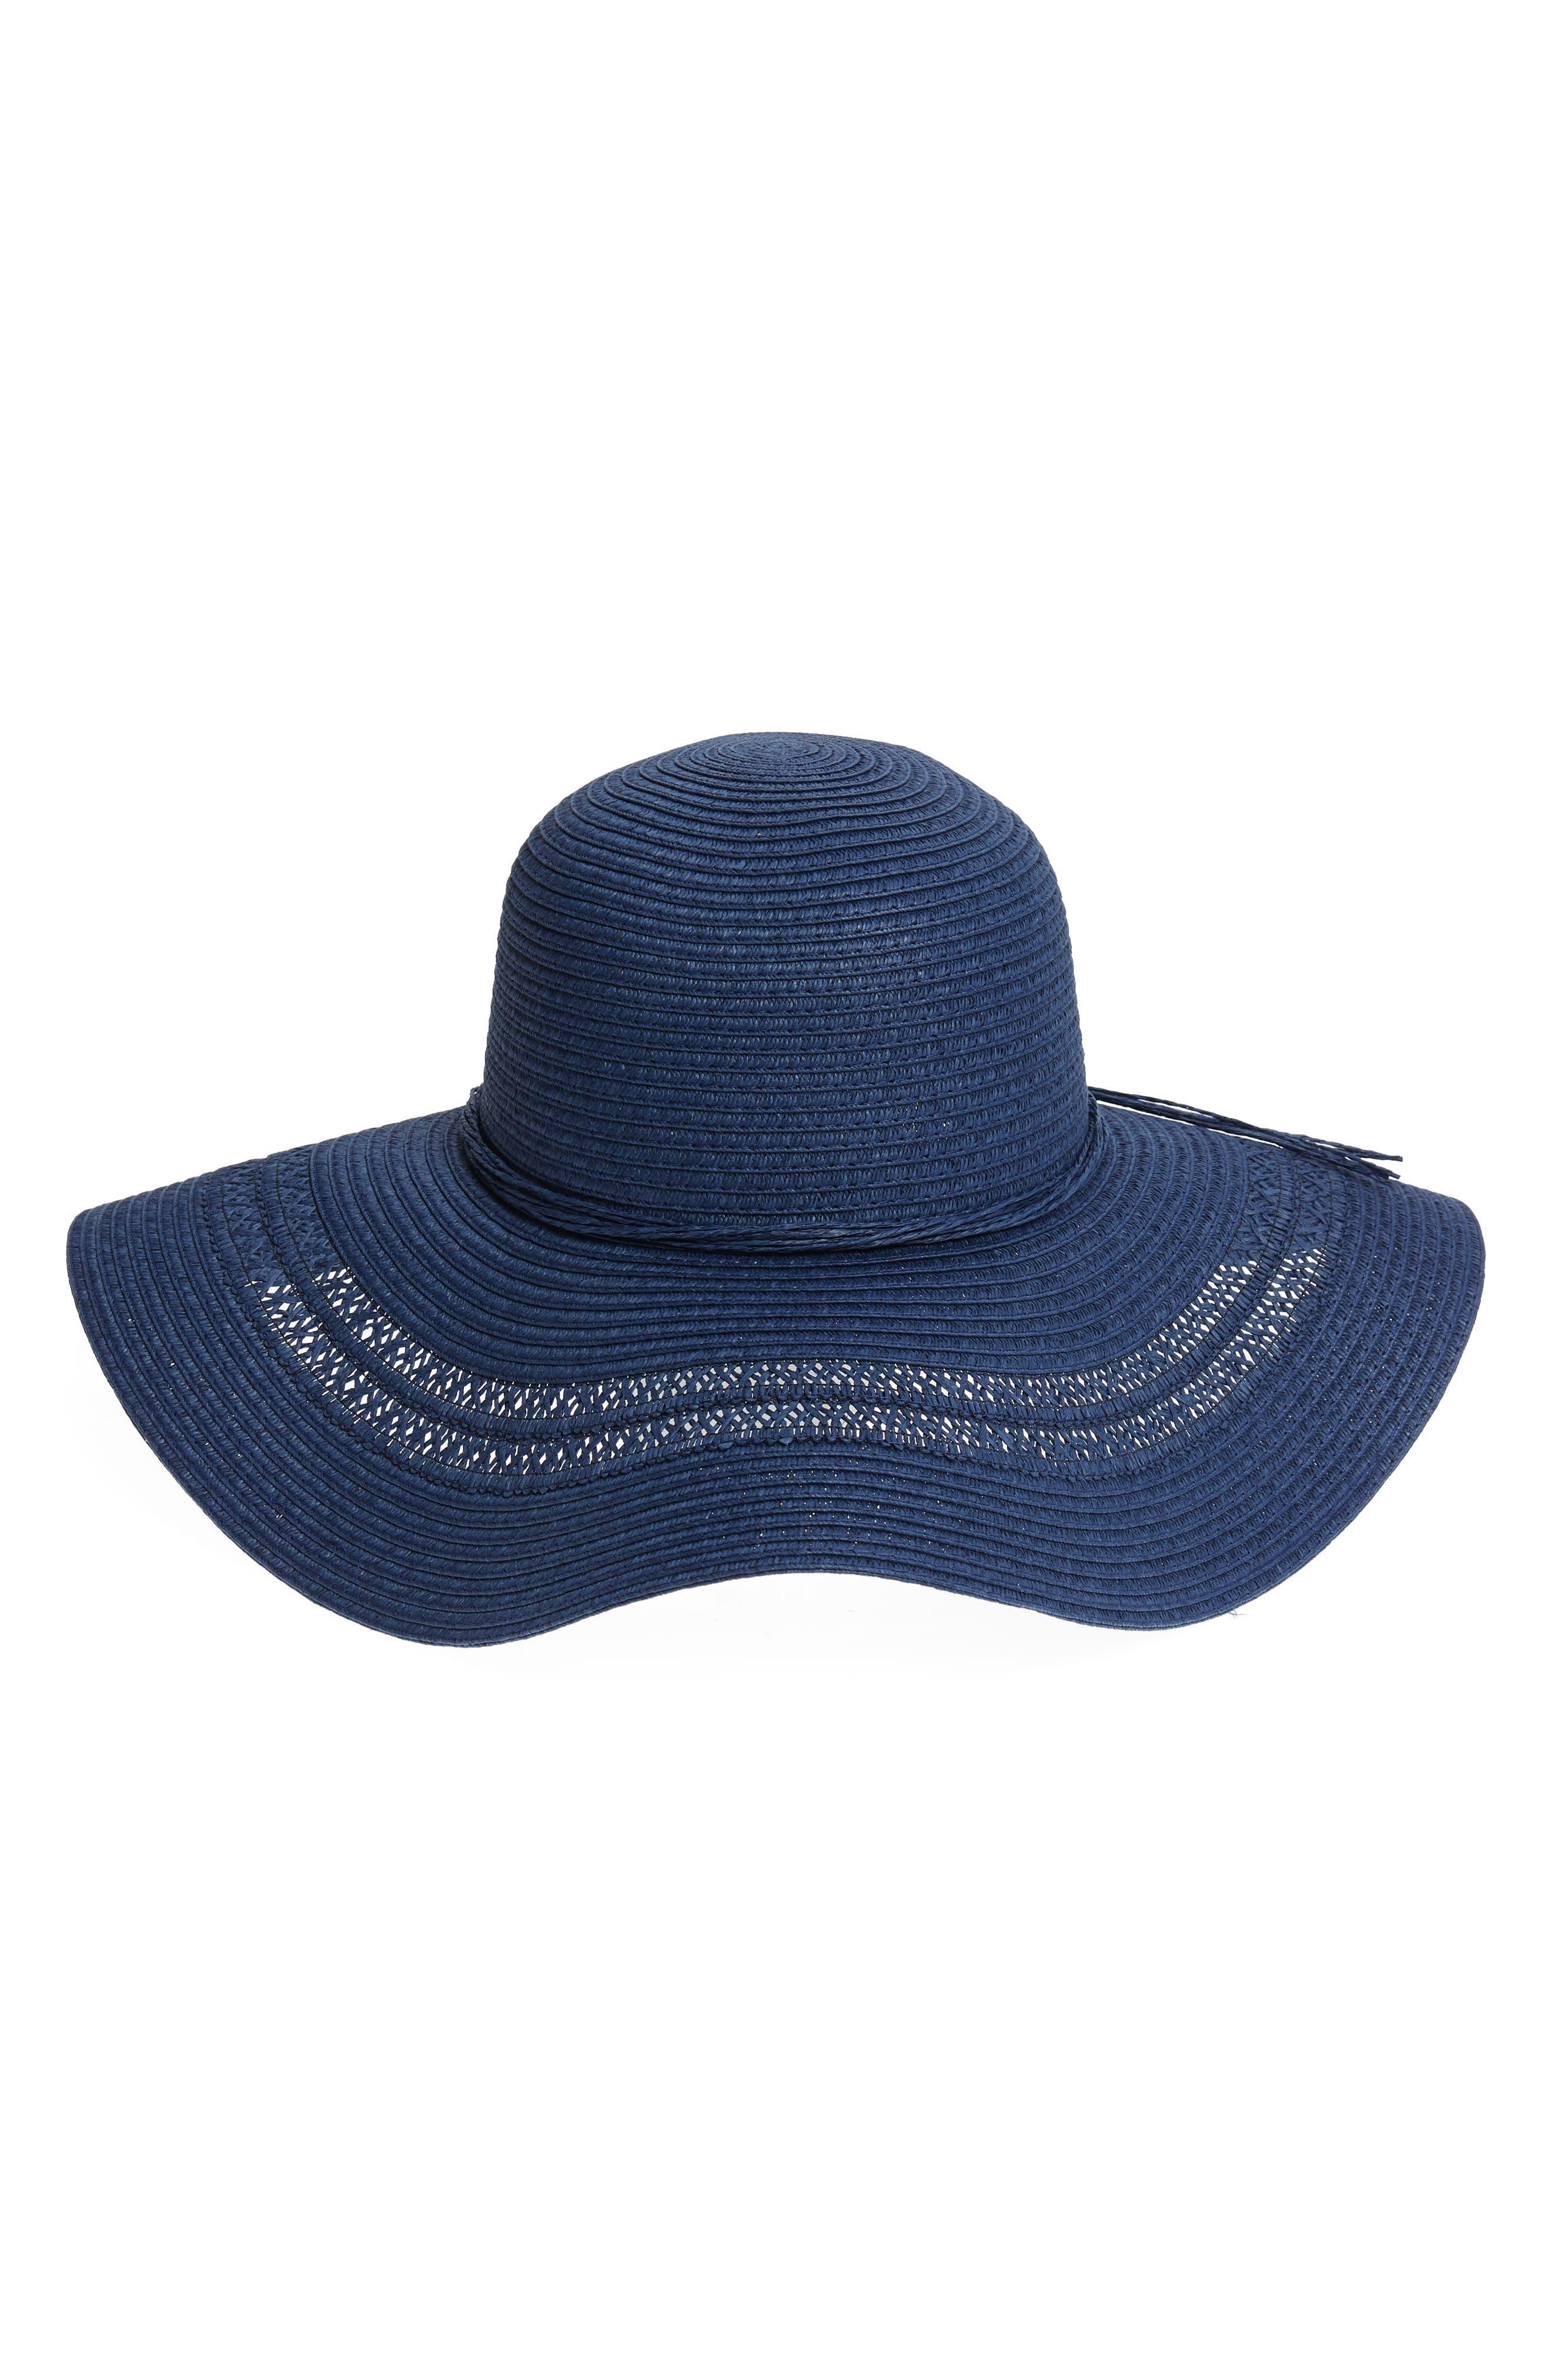 FITS Crochet Inset Floppy Straw Hat